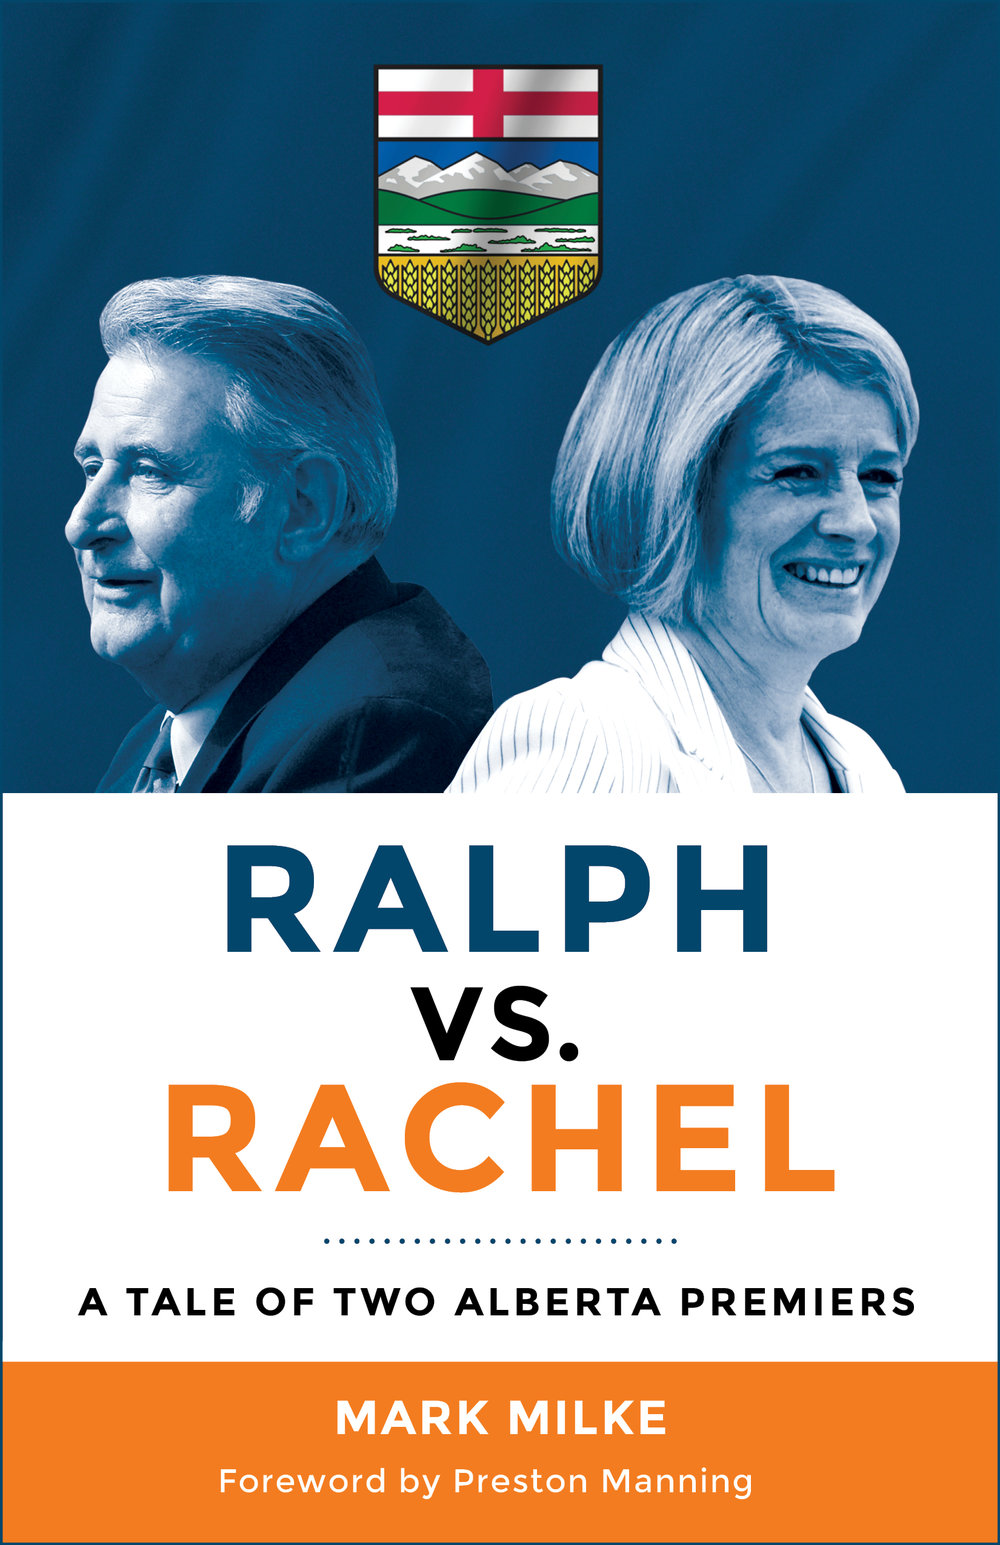 Ralph vs Rachel.jpg